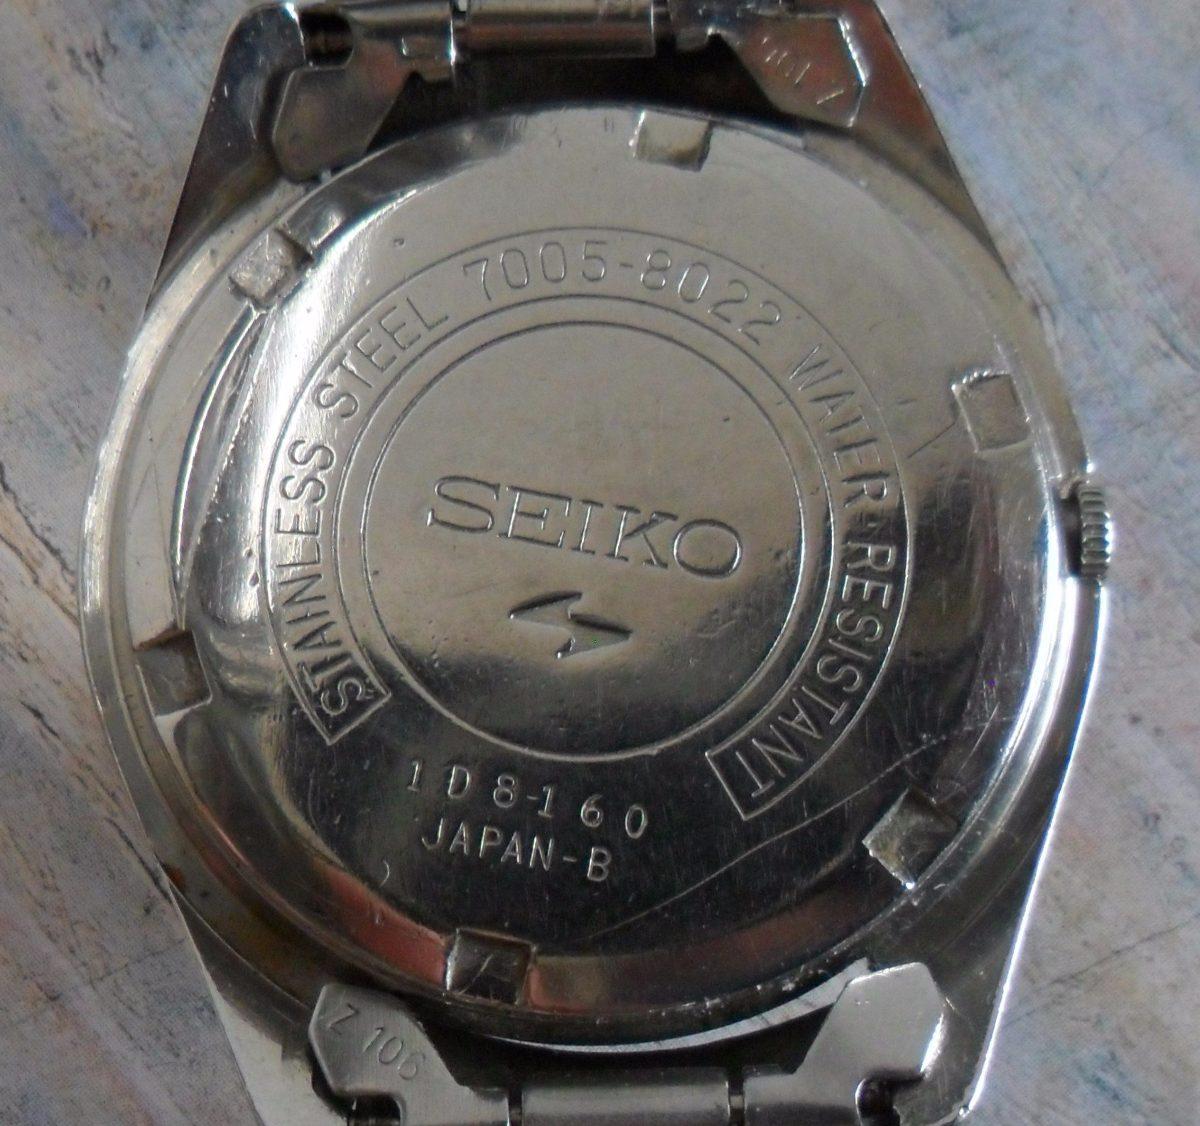 51efb6fe3f7 relogio seiko automatico 8160 japan antigo - veja!!!!!!!! Carregando zoom.